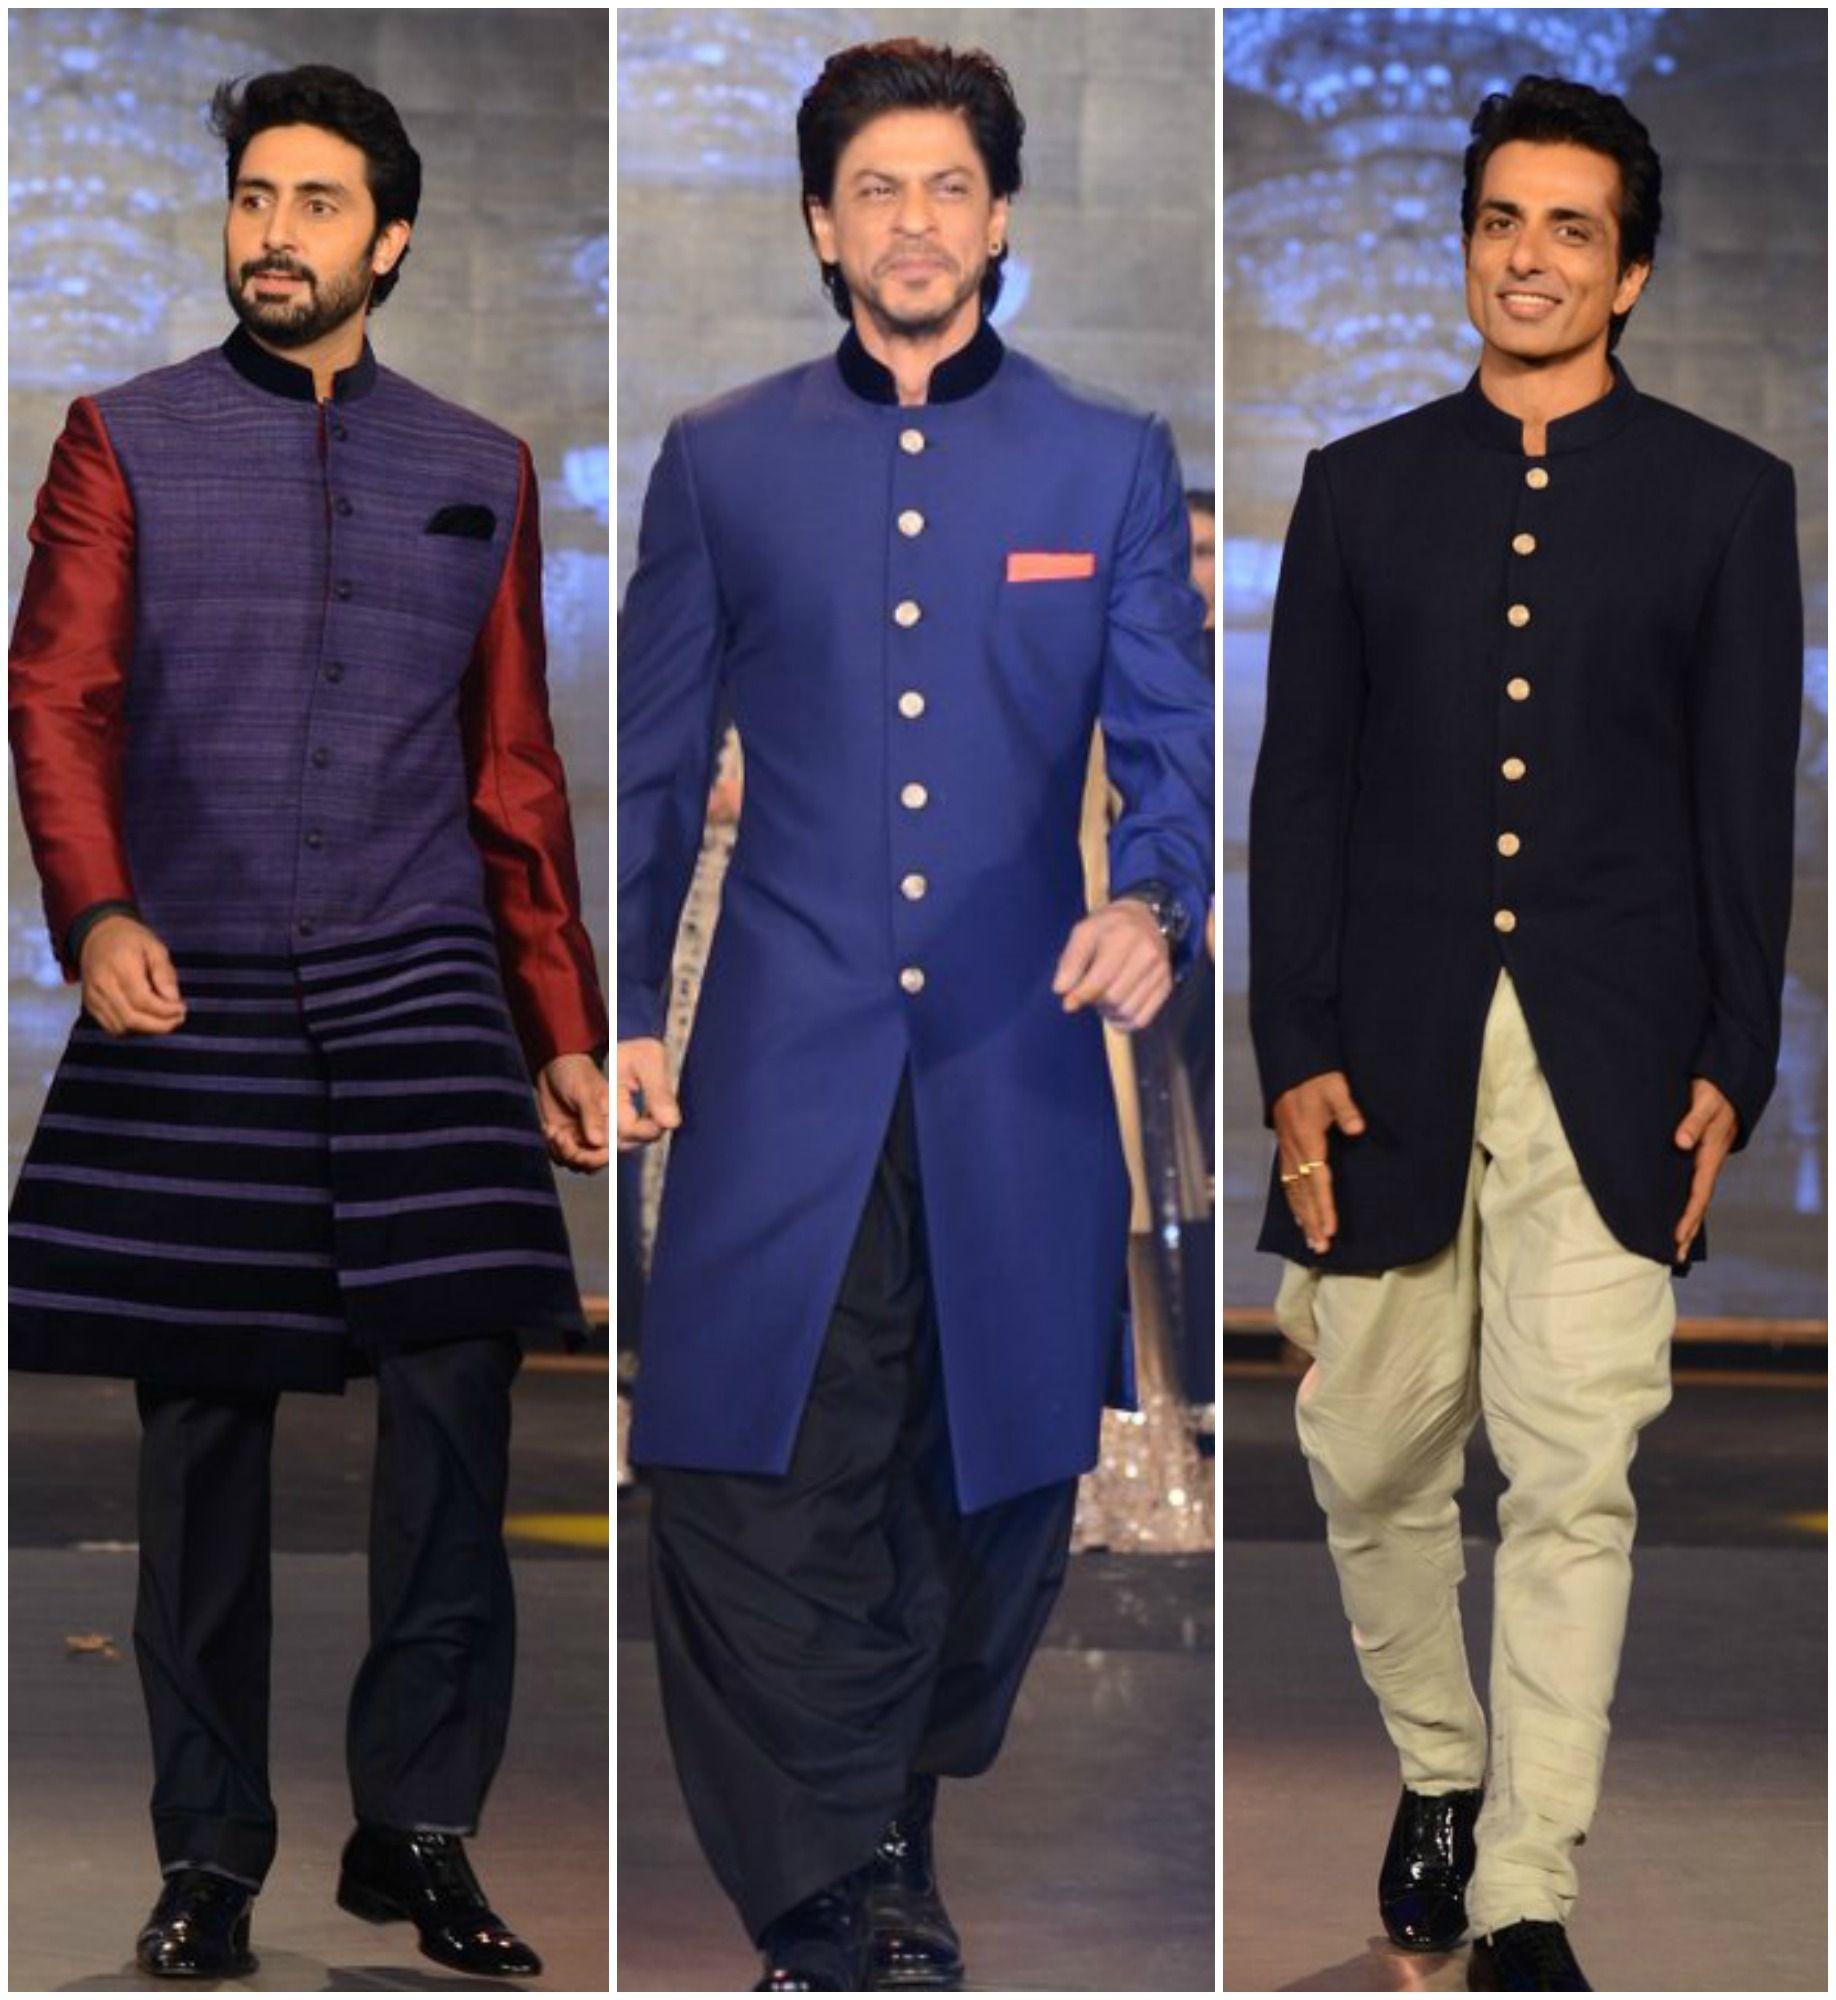 Srk abhishek sonu walk the ramp for manish malhotra mens fashion